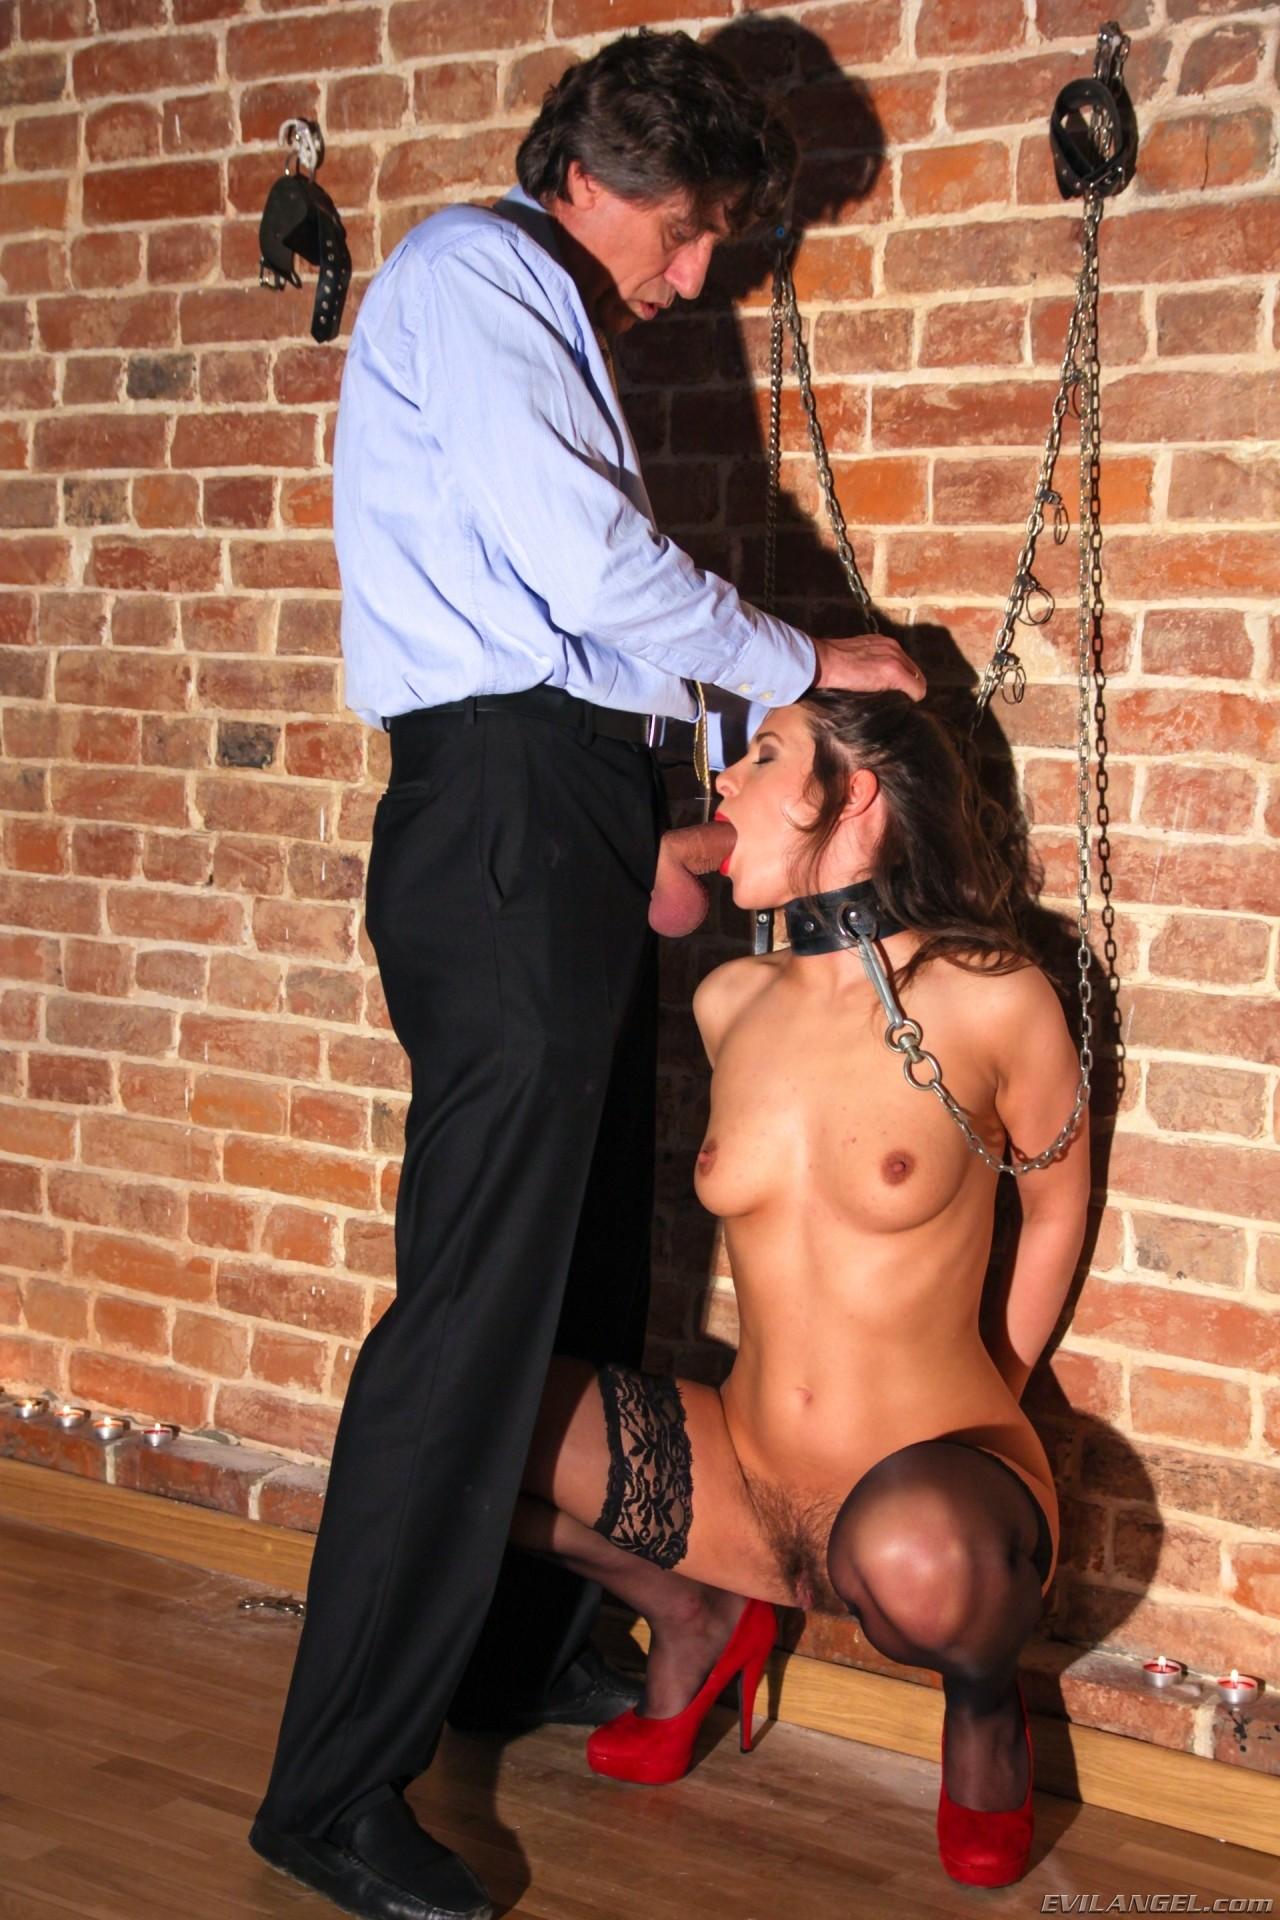 порно фото хозяин и рабыня бдсм рекомендуем вам либо